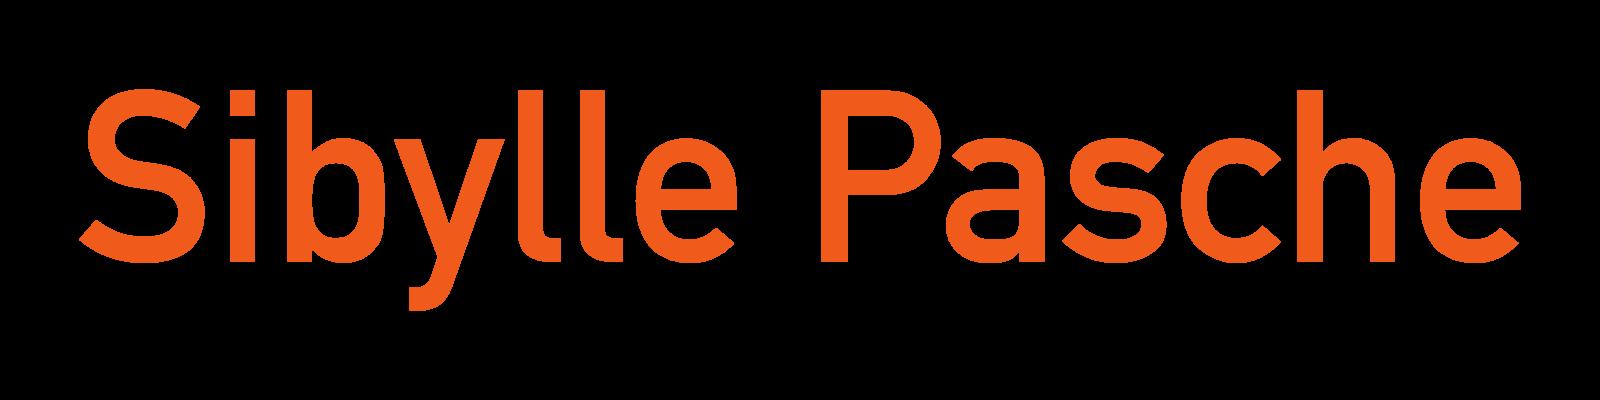 Sibylle Pasche